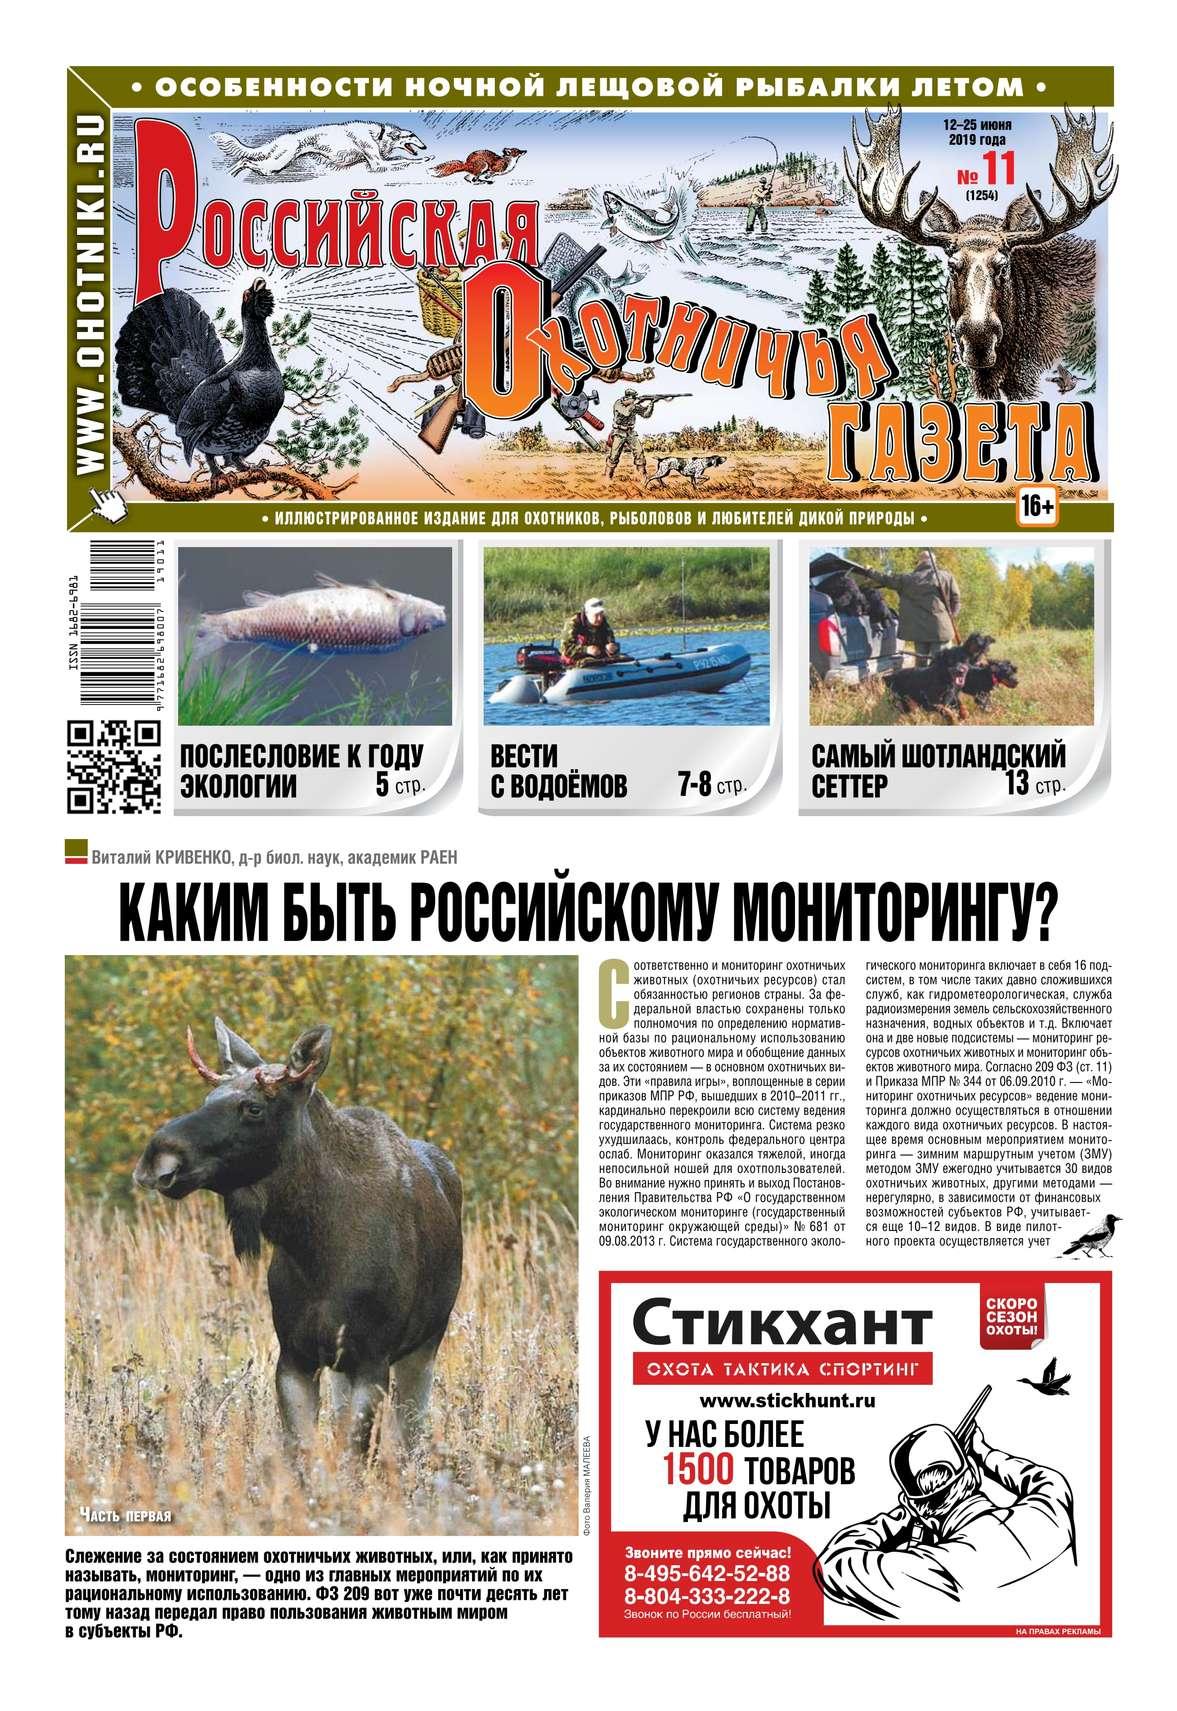 Редакция газеты Российская Охотничья Газета Российская Охотничья Газета 11-2019 цены